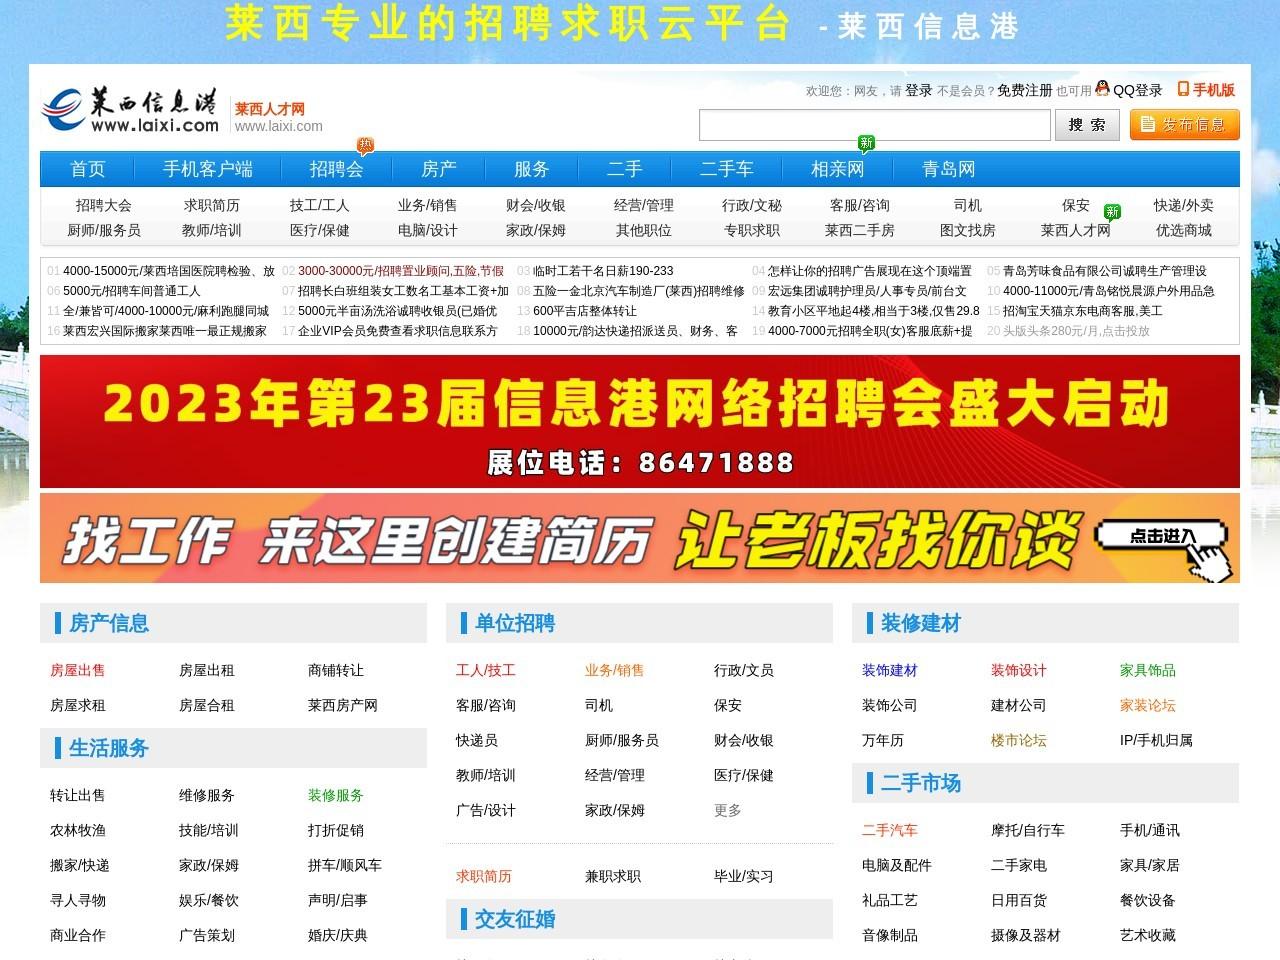 莱西信息港_莱西人才网,莱西招聘,莱西房产网在线网